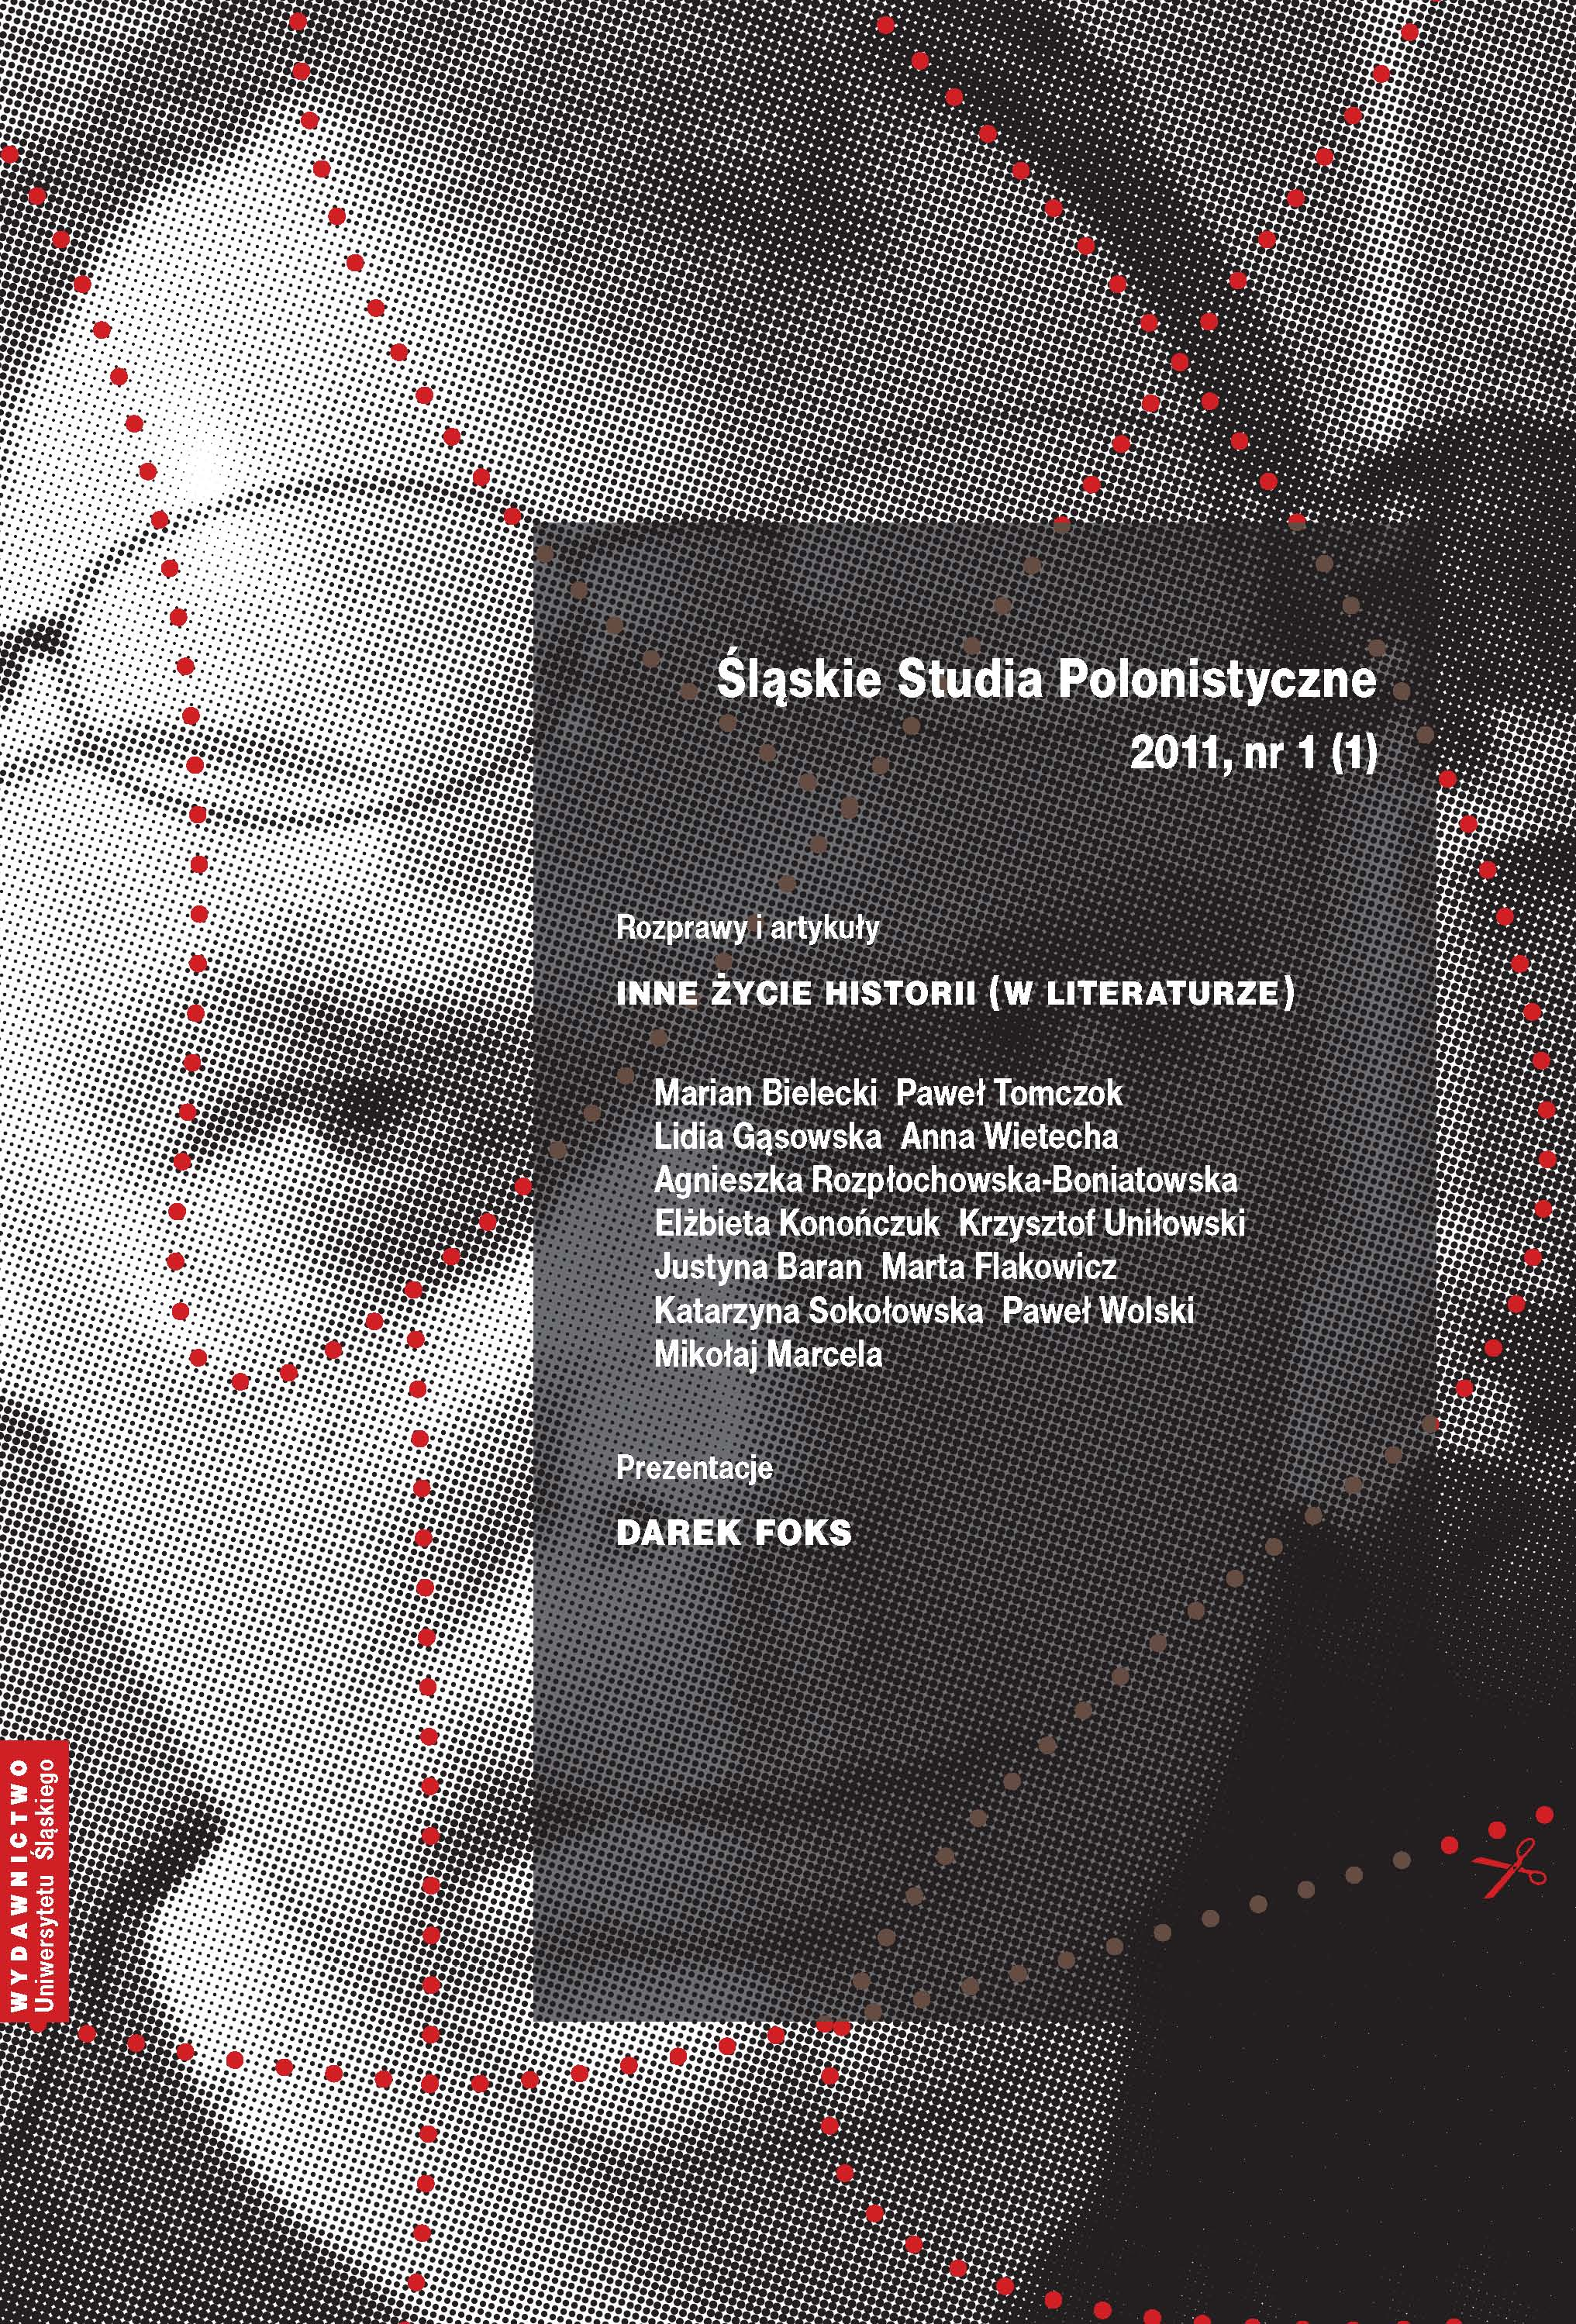 Śląskie Studia Polonistyczne 2011 nr 1 (1)